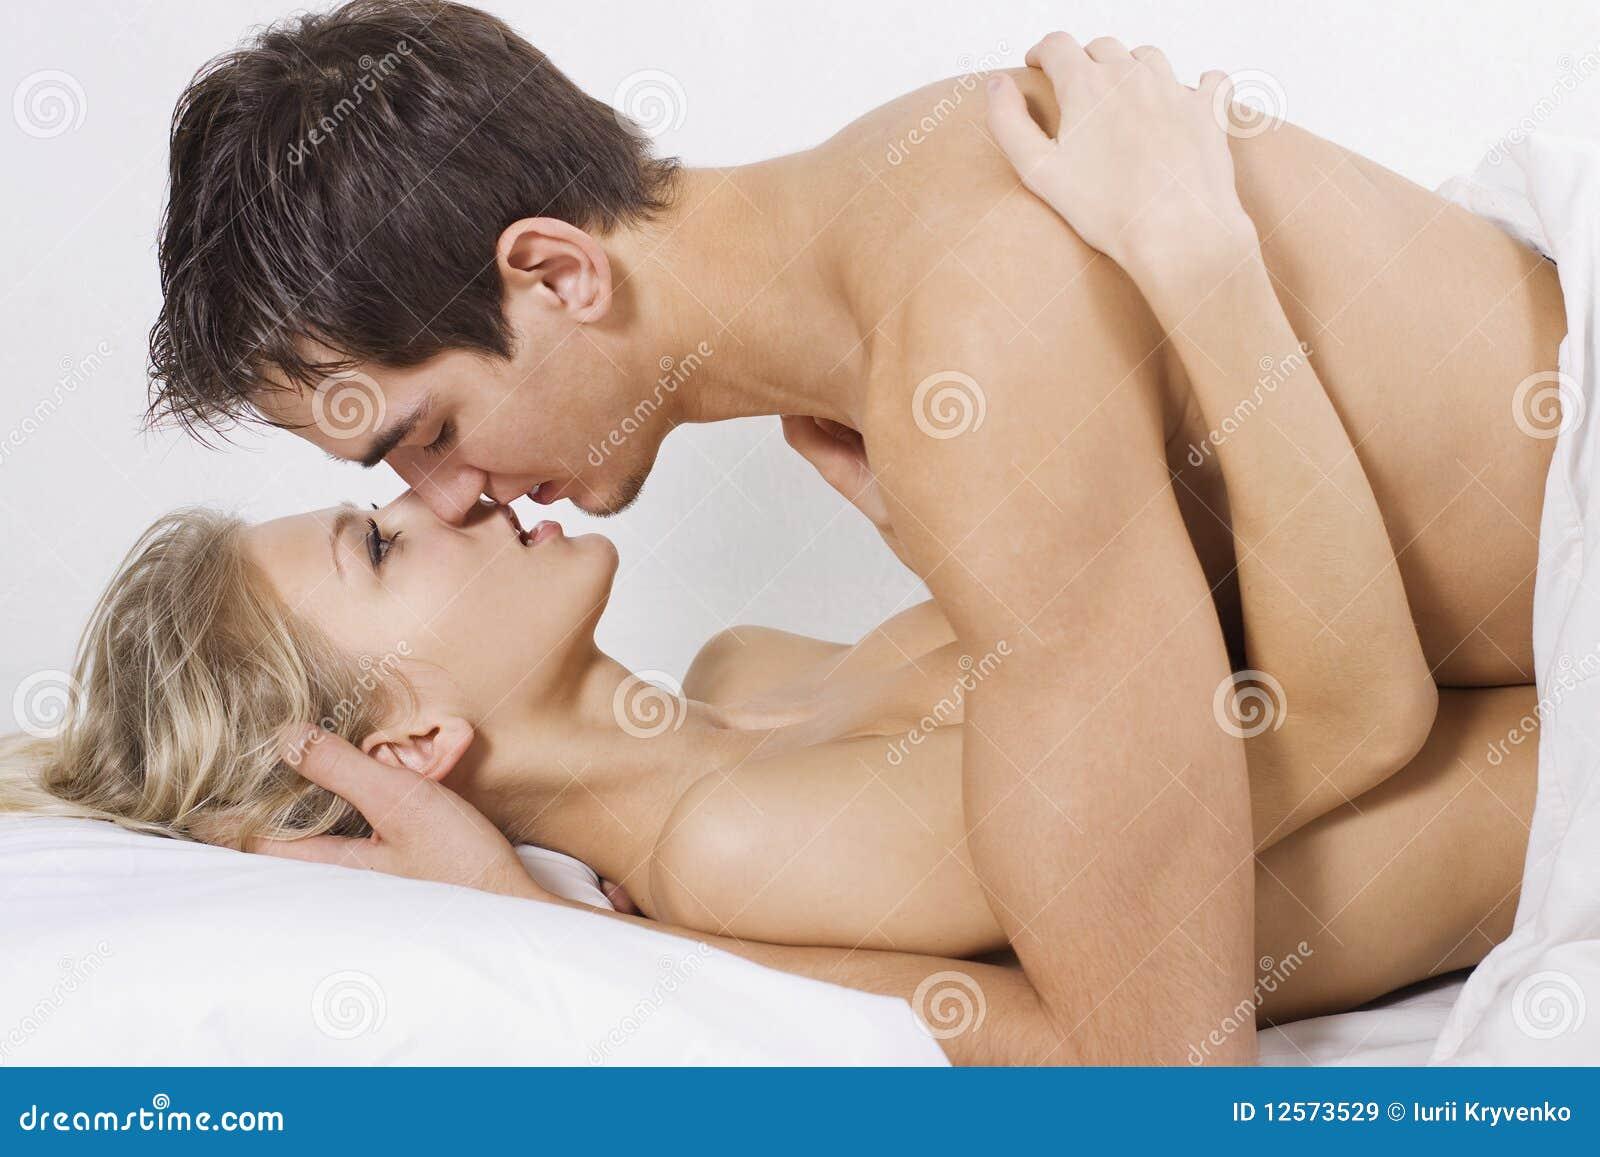 ask.fm domande porno stae